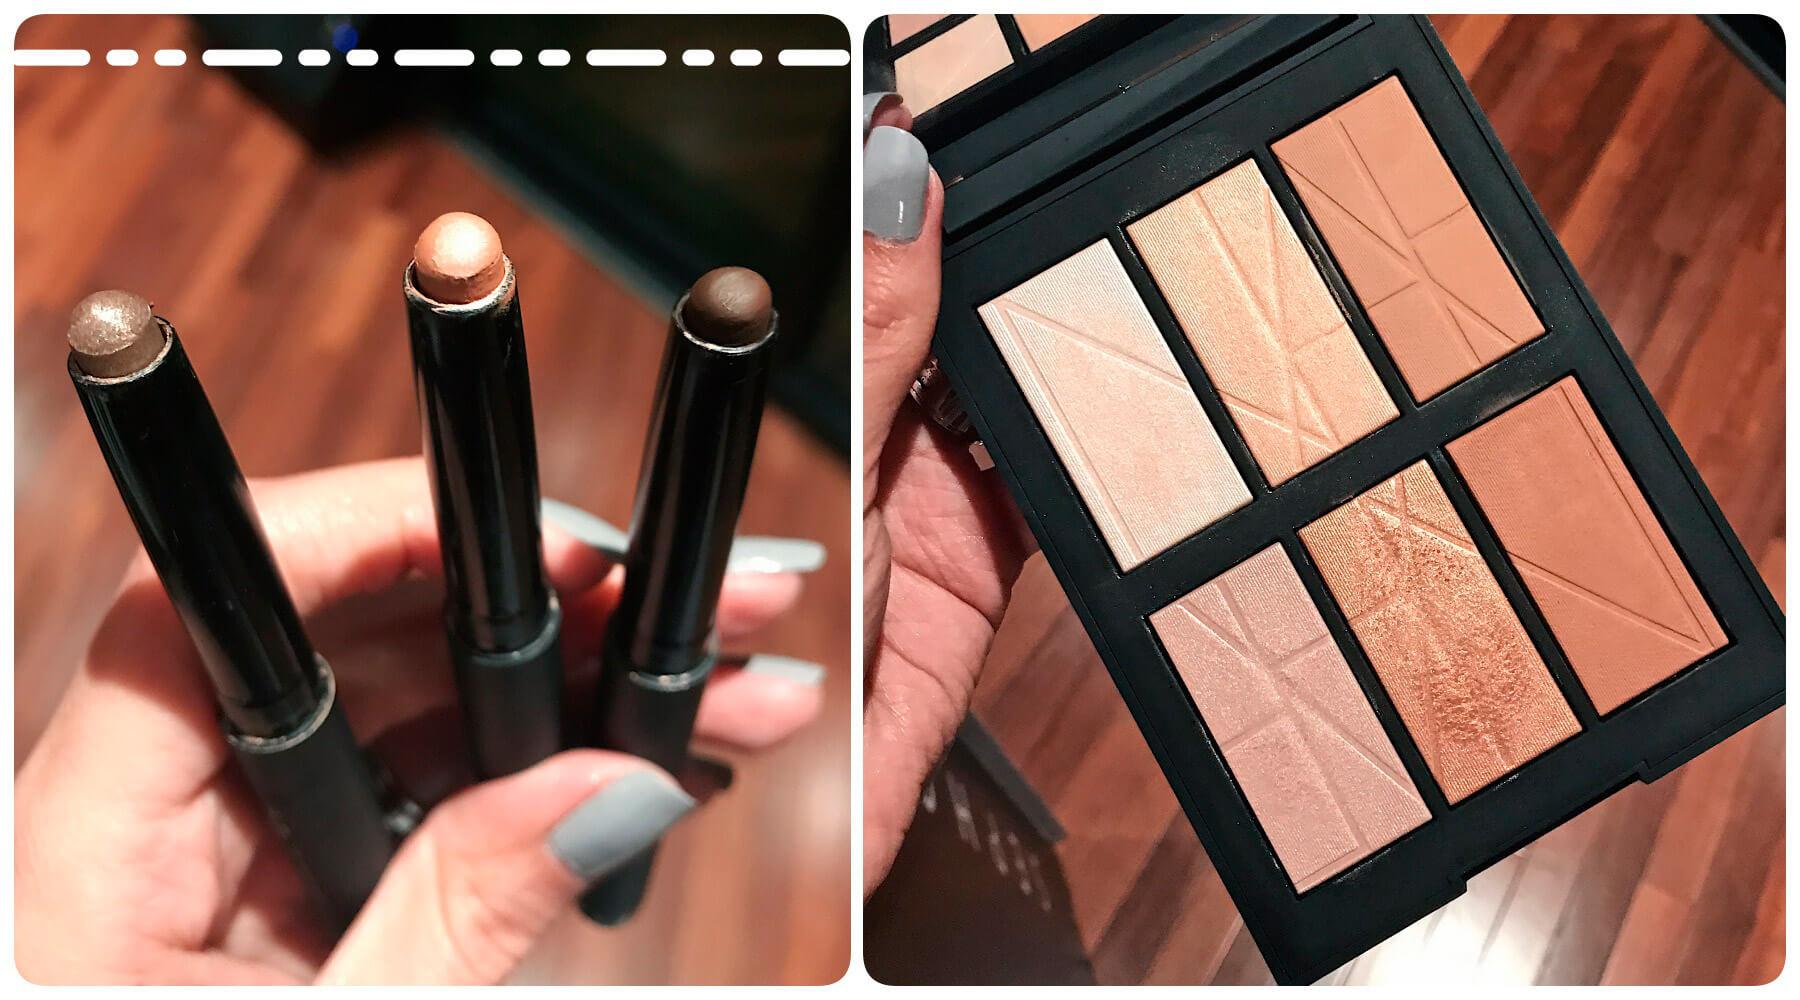 Lançamentos Sephora de Nars, paleta com iluminadores e bronzers, e três cores de sombras em caneta